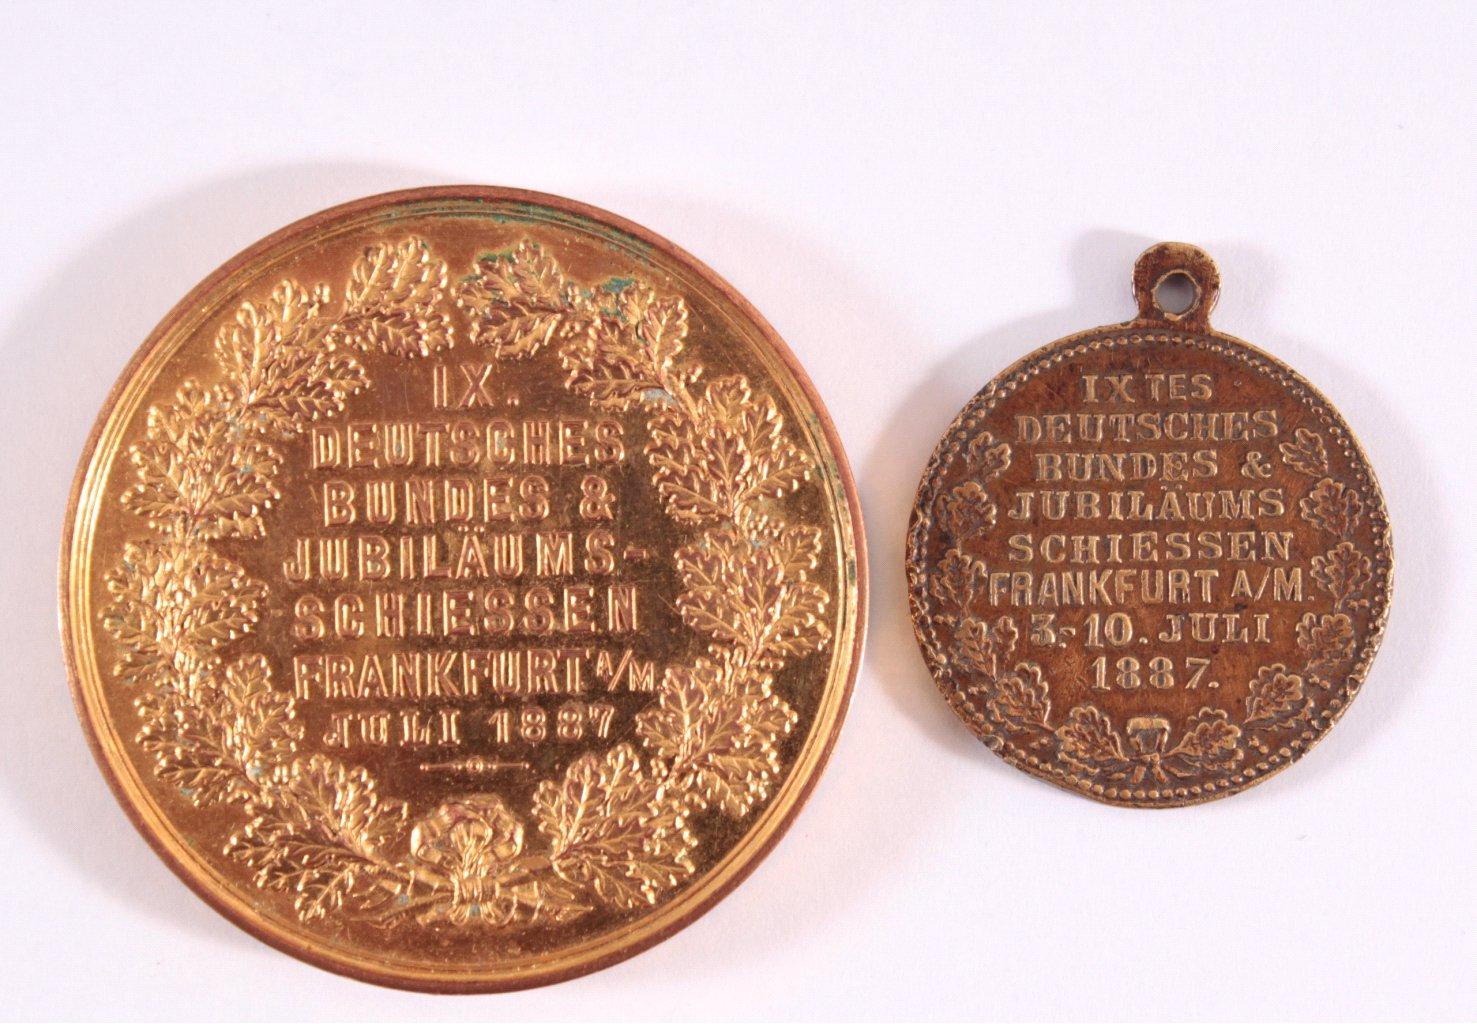 2 Medaillen IX. Bundeschützenfest Frankfurt 1887